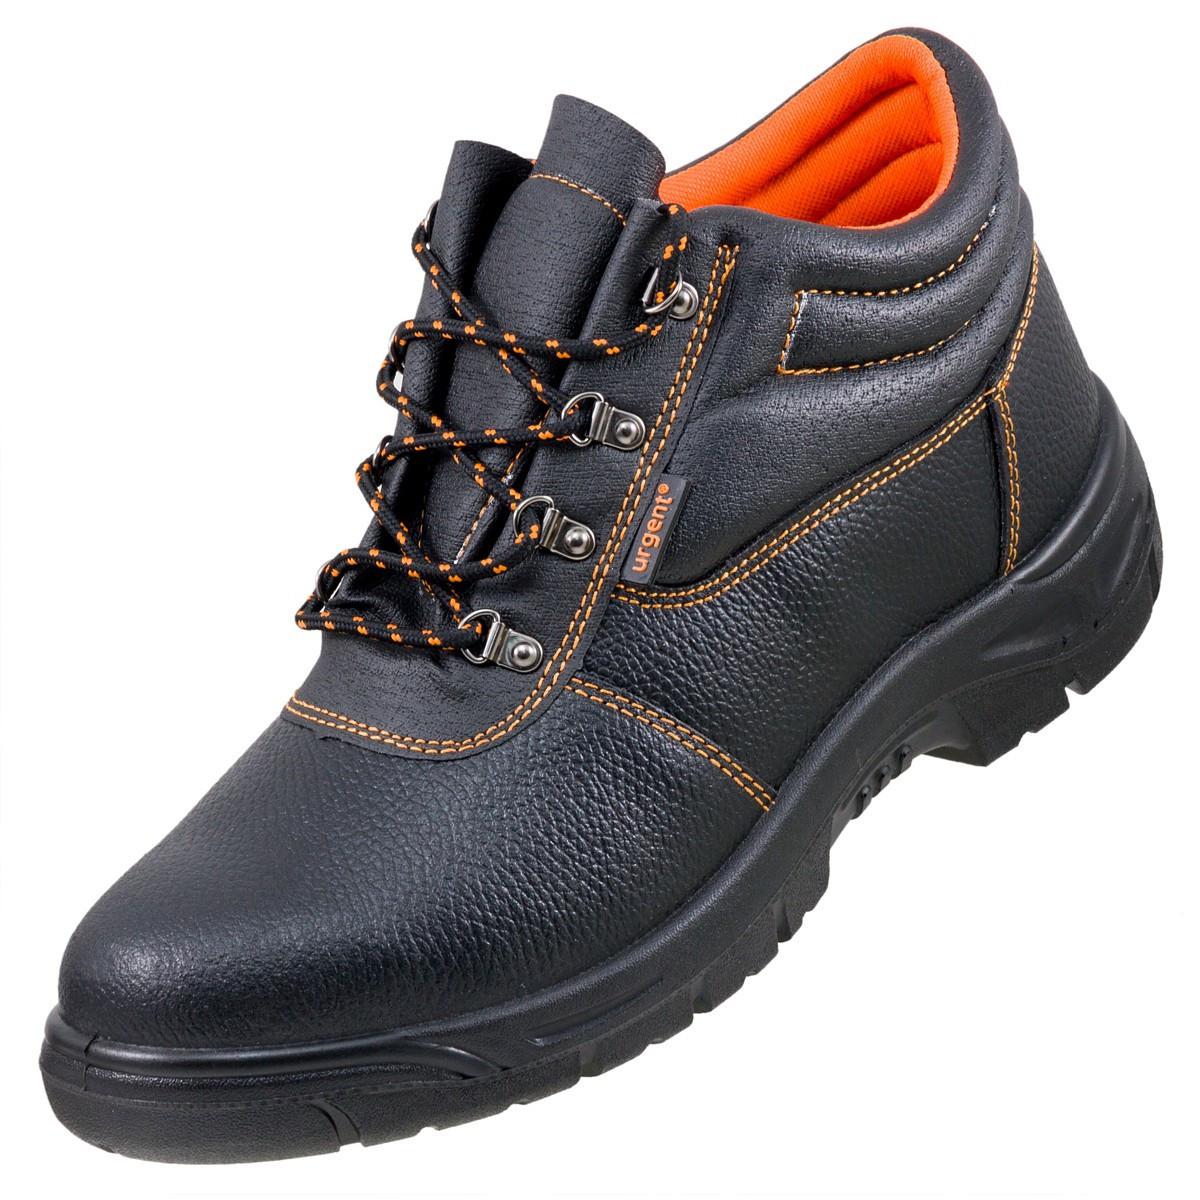 Ботинки 101 SB MAX с металлическим носком,антистатические, большие размеры URGENT (POLAND)